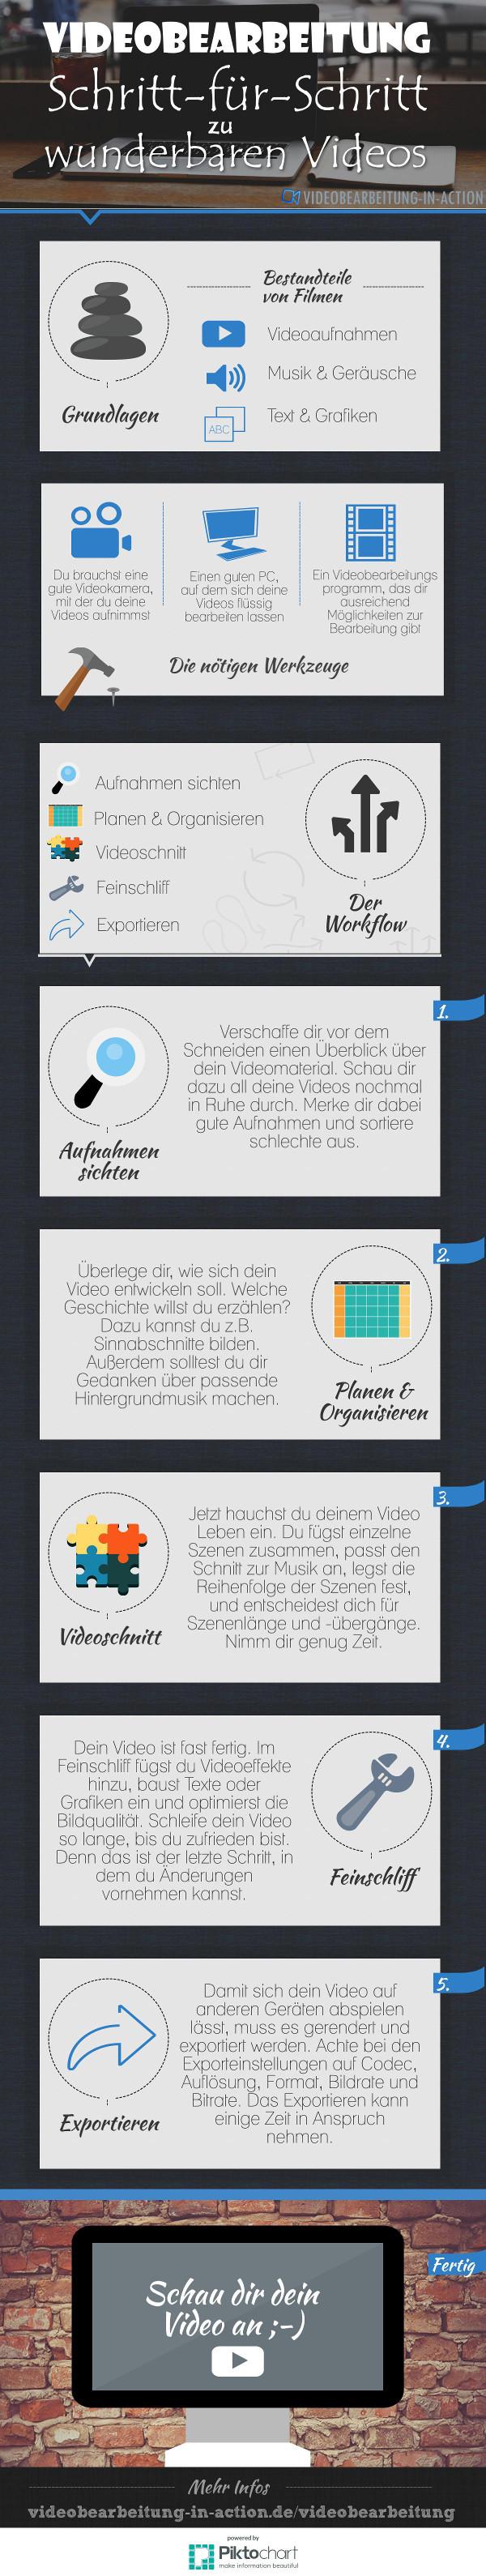 Videobearbeitung Guide